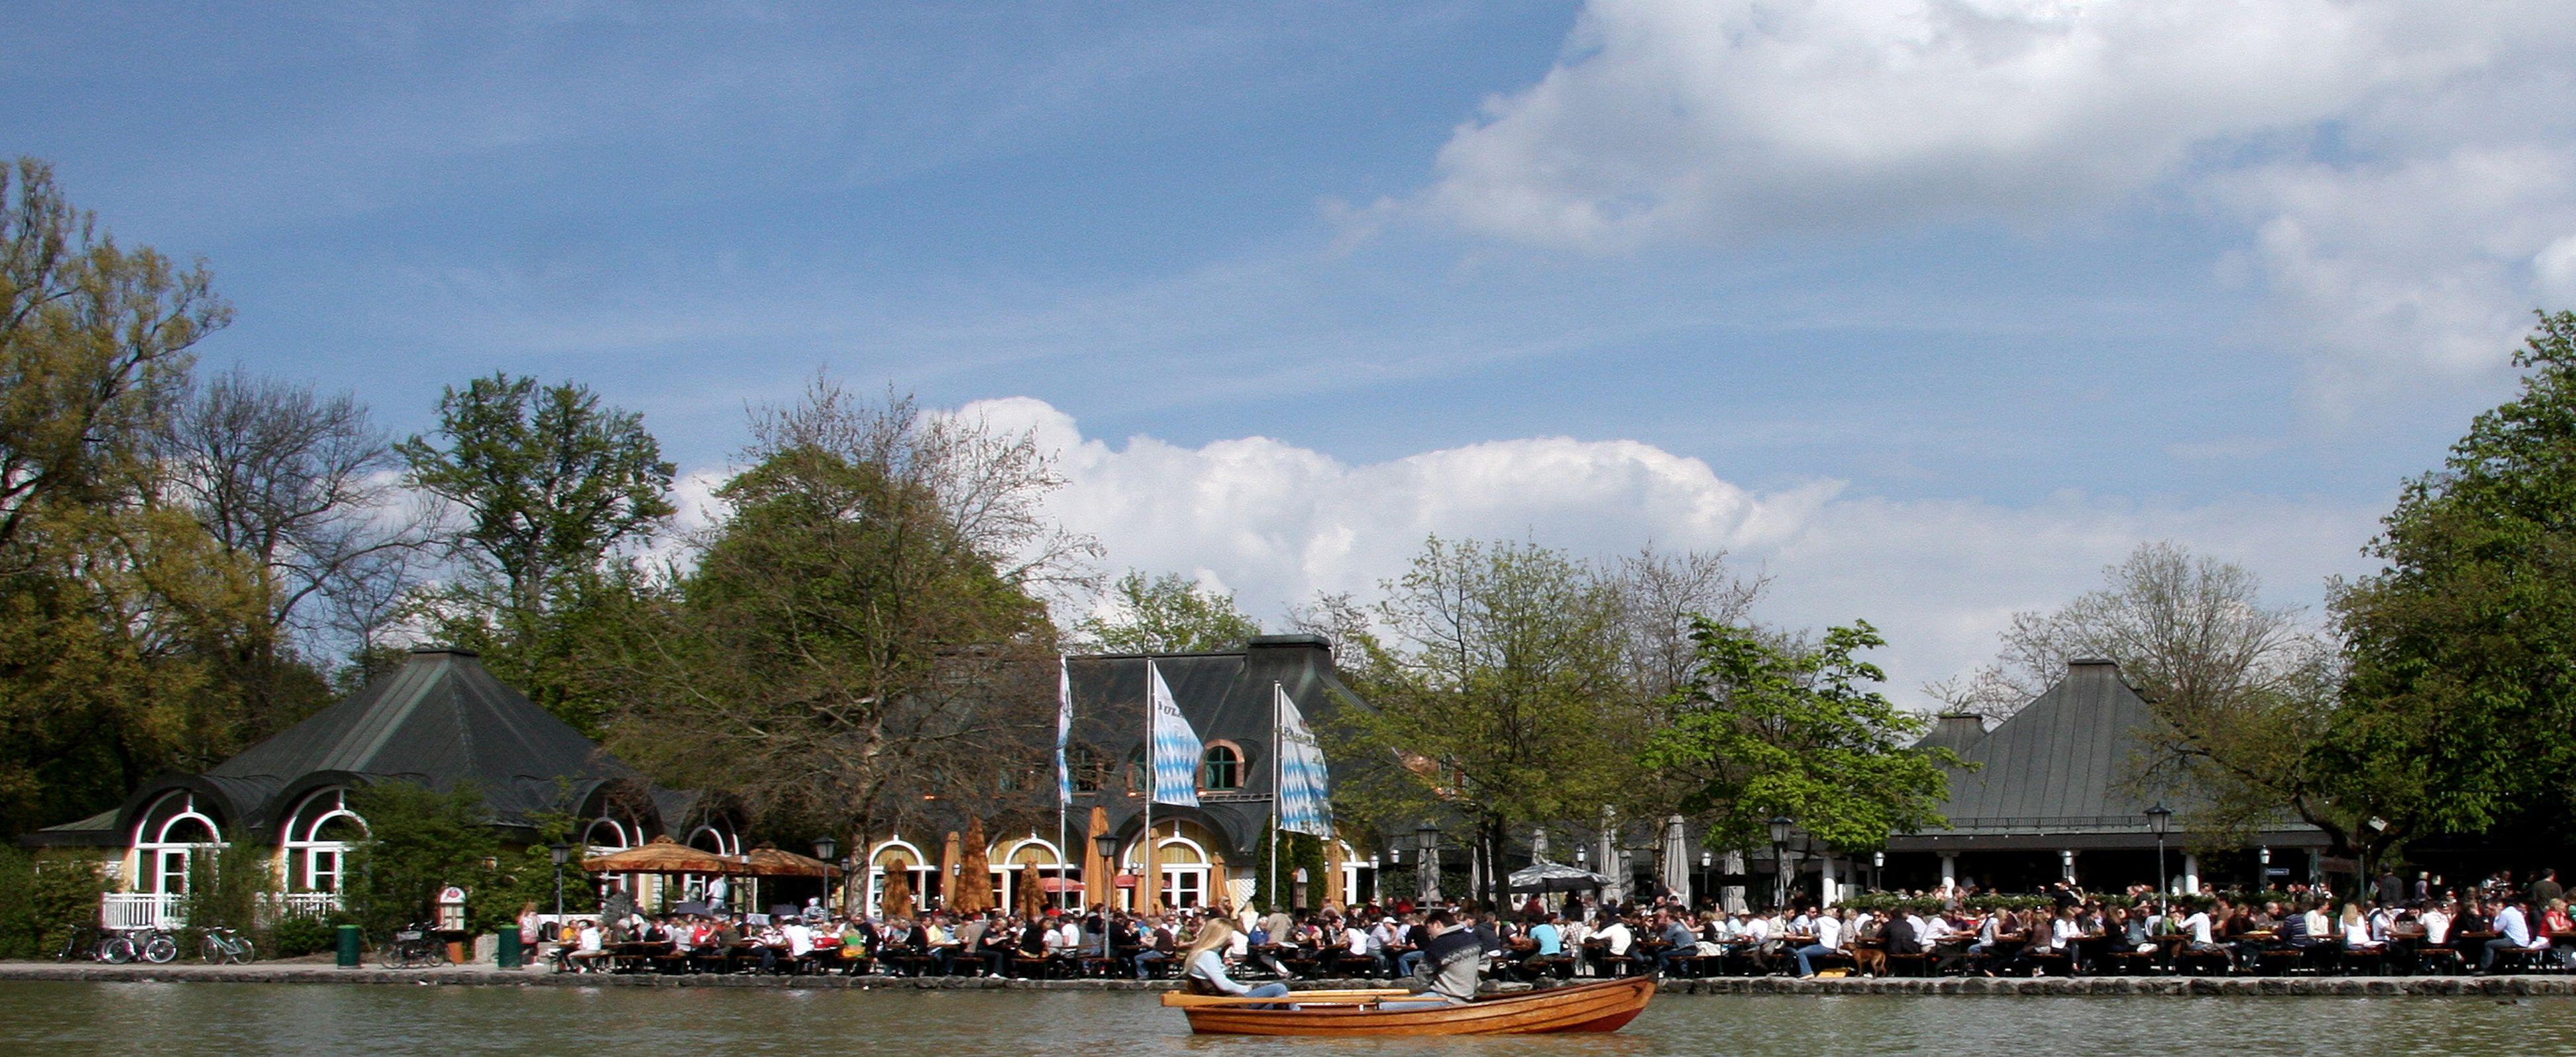 View from the lake Seehaus im Englischen Garten Biergarten Biergarden Seehaus